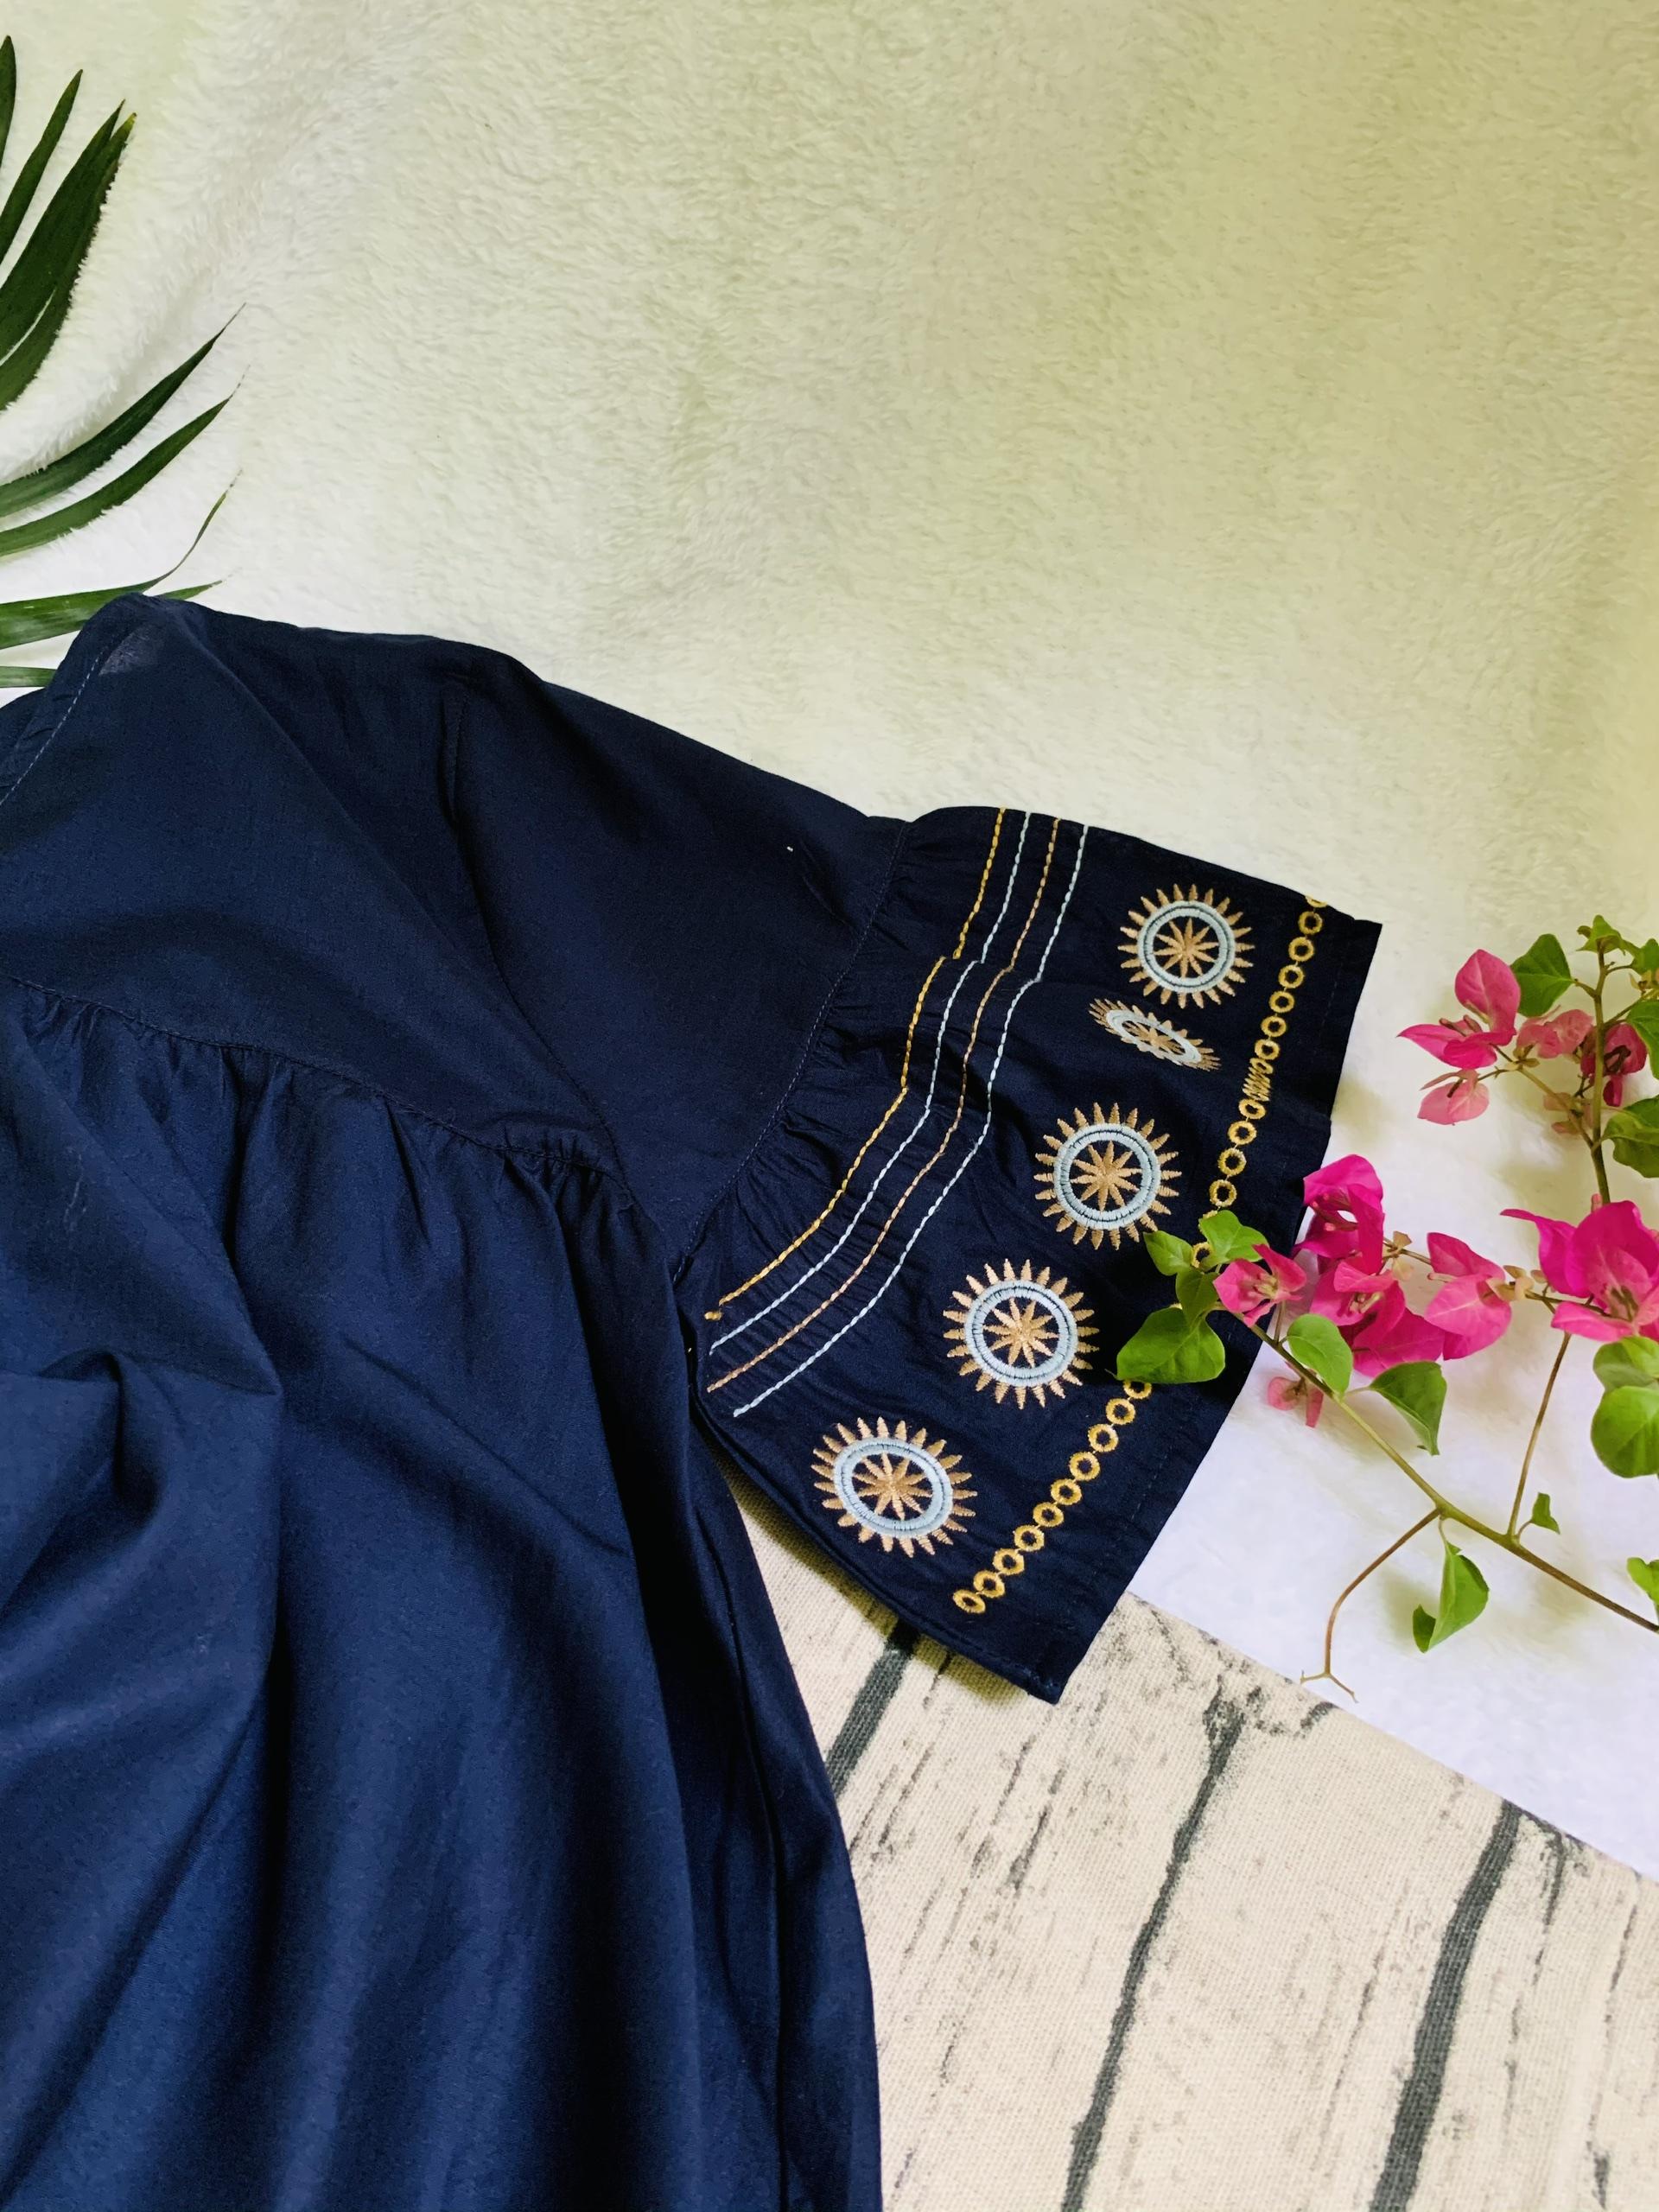 Áo kiểu form rộng chất cotton thêu cao cấp trung niên